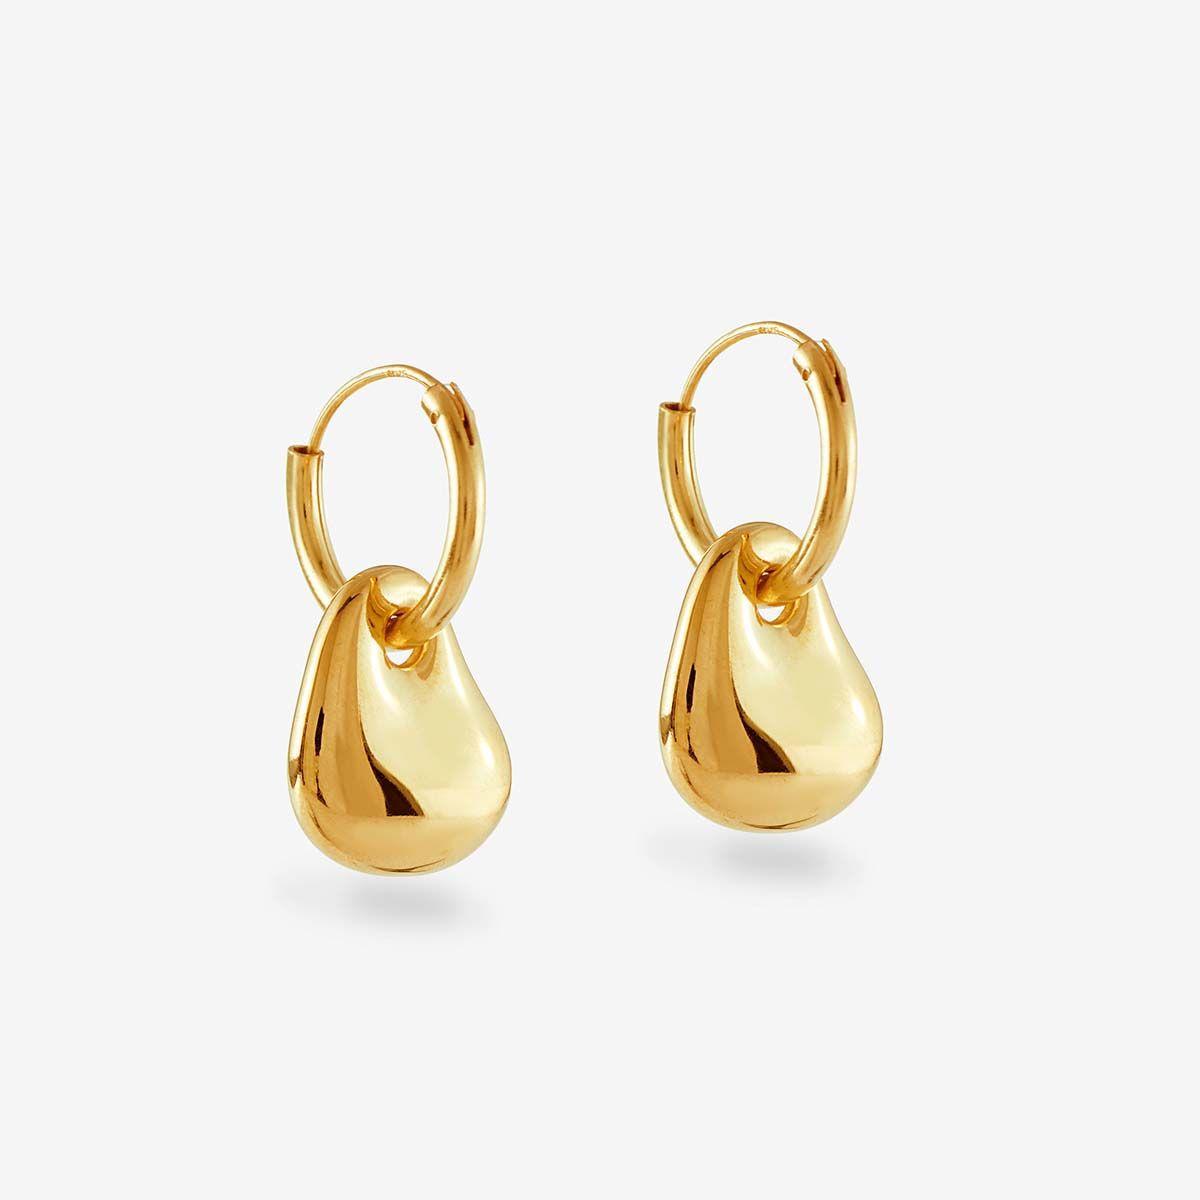 Semina Hoops - Ohrhänger - 18k vergoldet